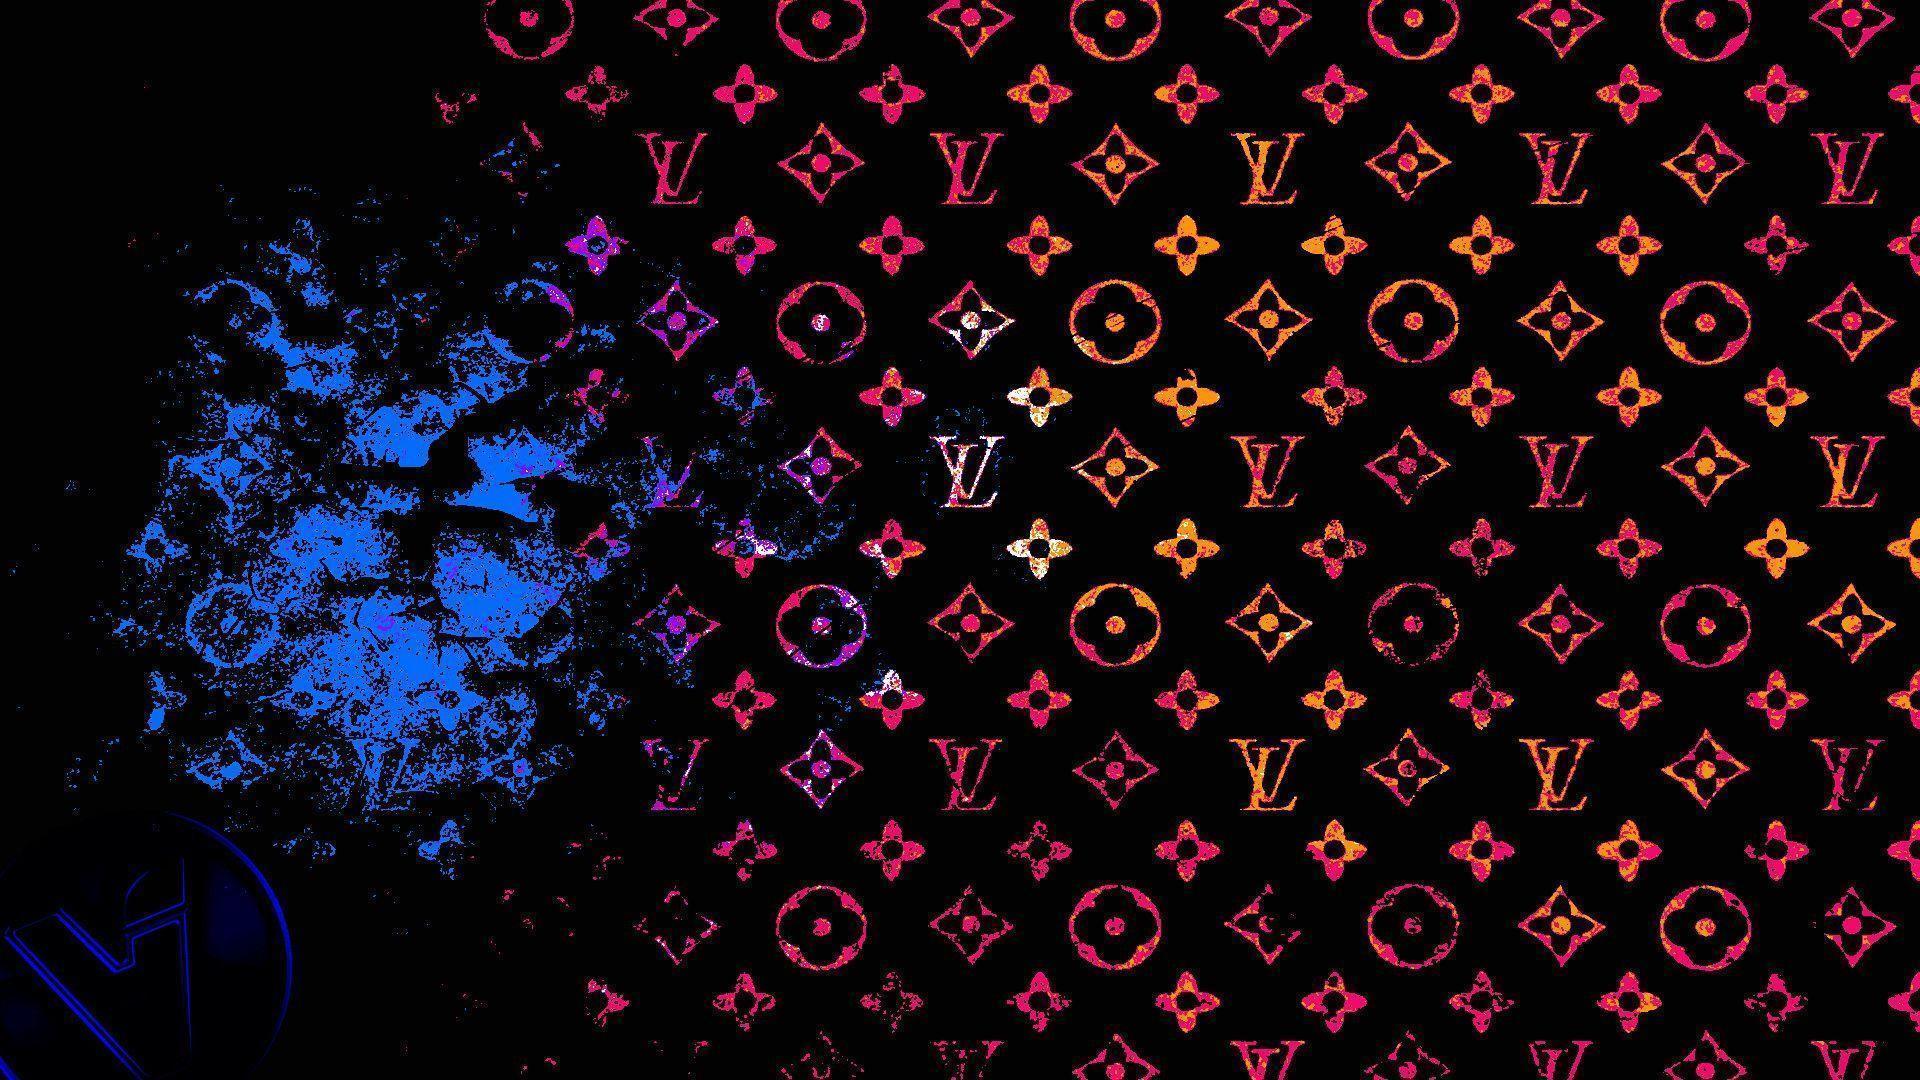 Wallpaper, Hd Wallpapers Louis Vuitton Wallpaper Logo X Wallpaper ...